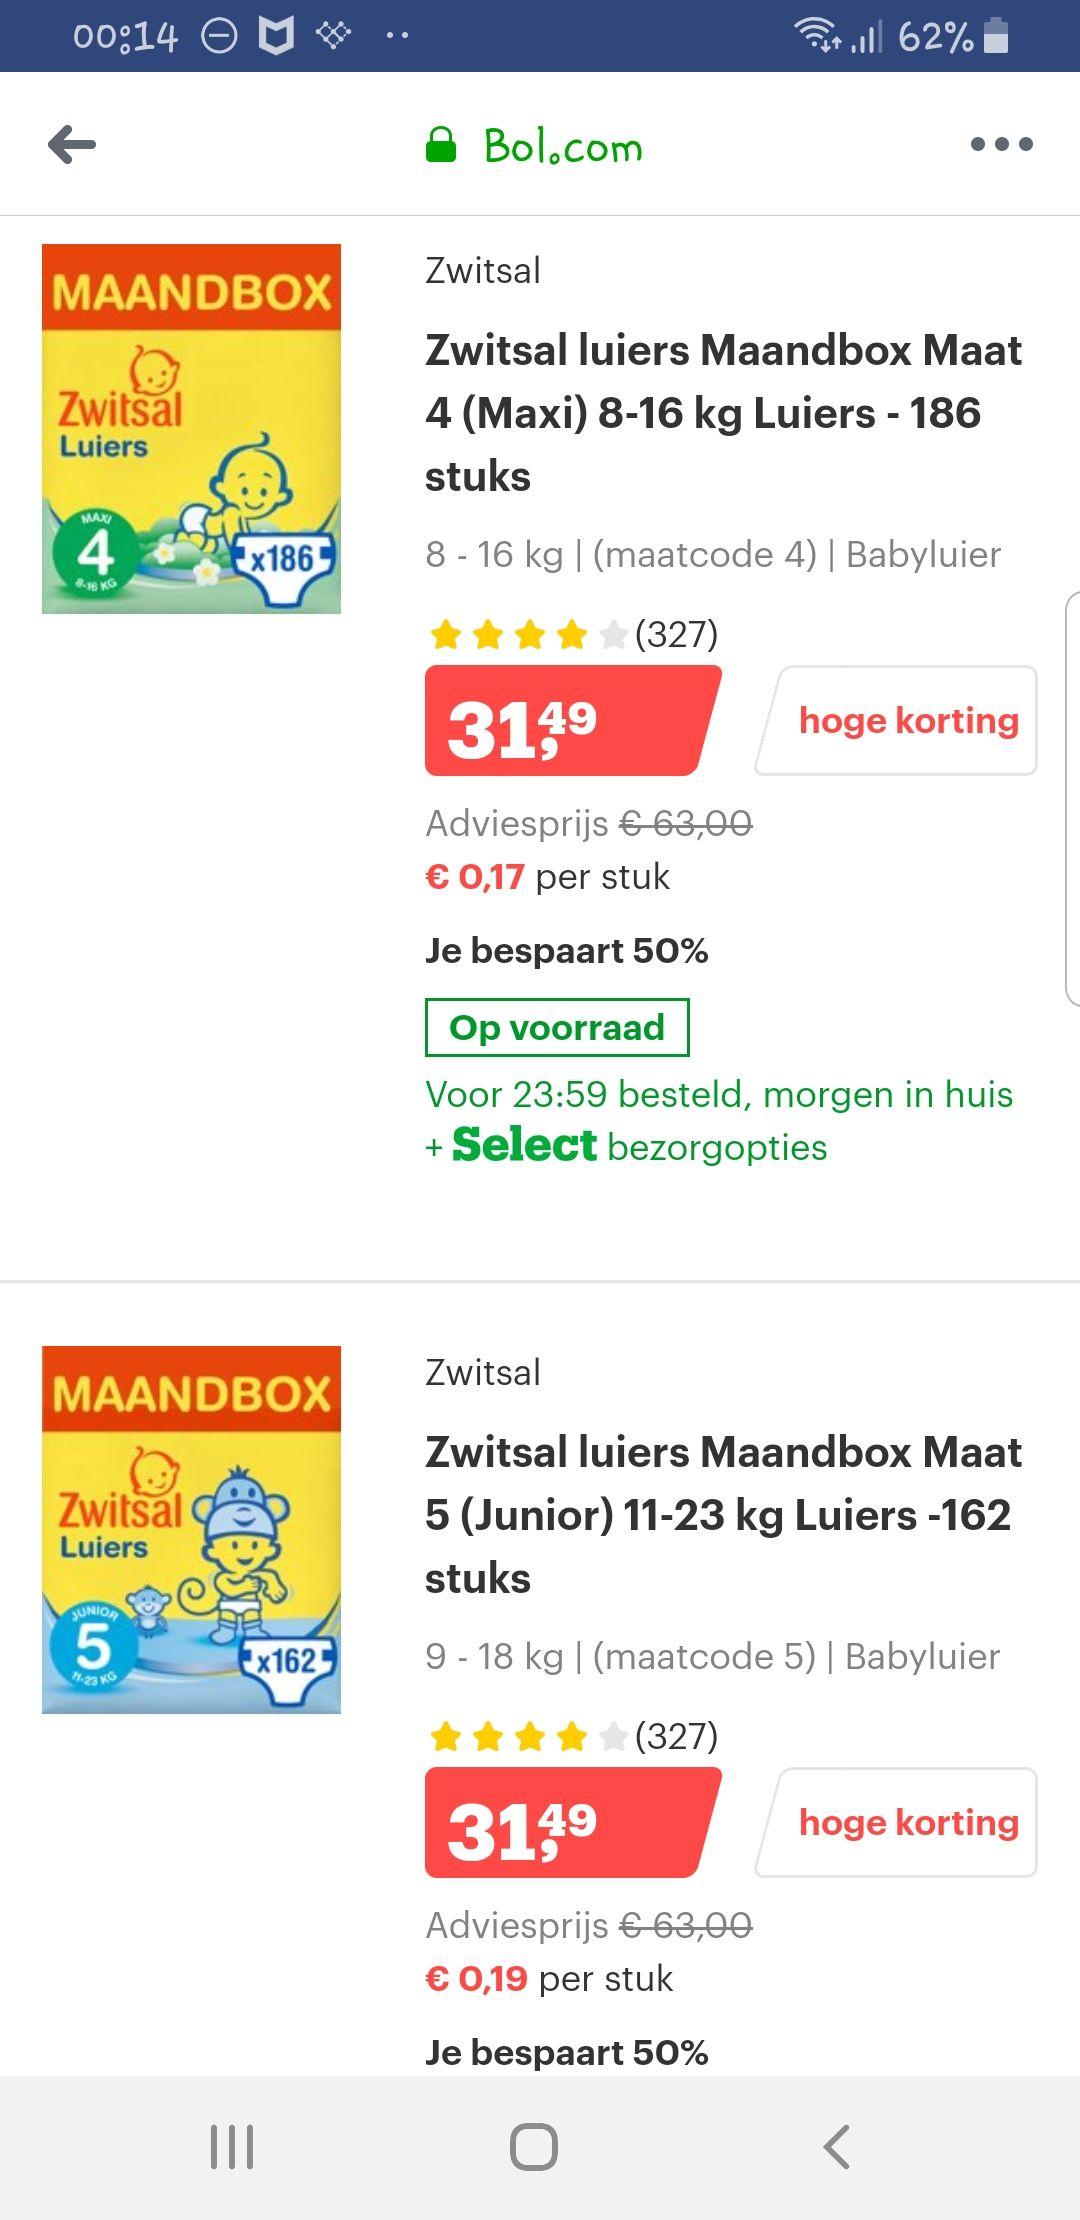 Zwitsal luiers maandboxen 50% korting bij Bol.com